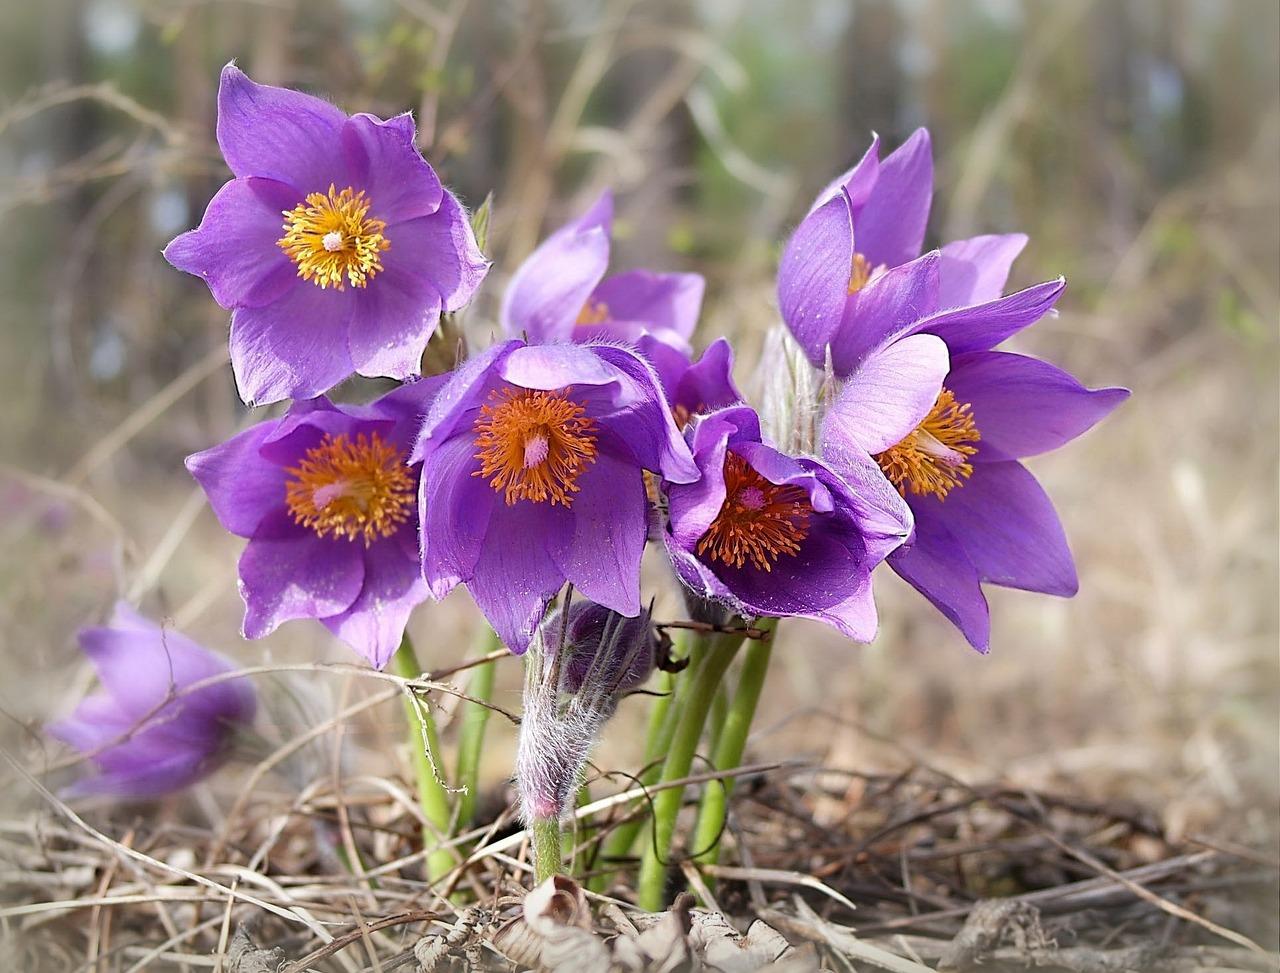 здесь лесные цветы картинки и названия цветов хочу бокал